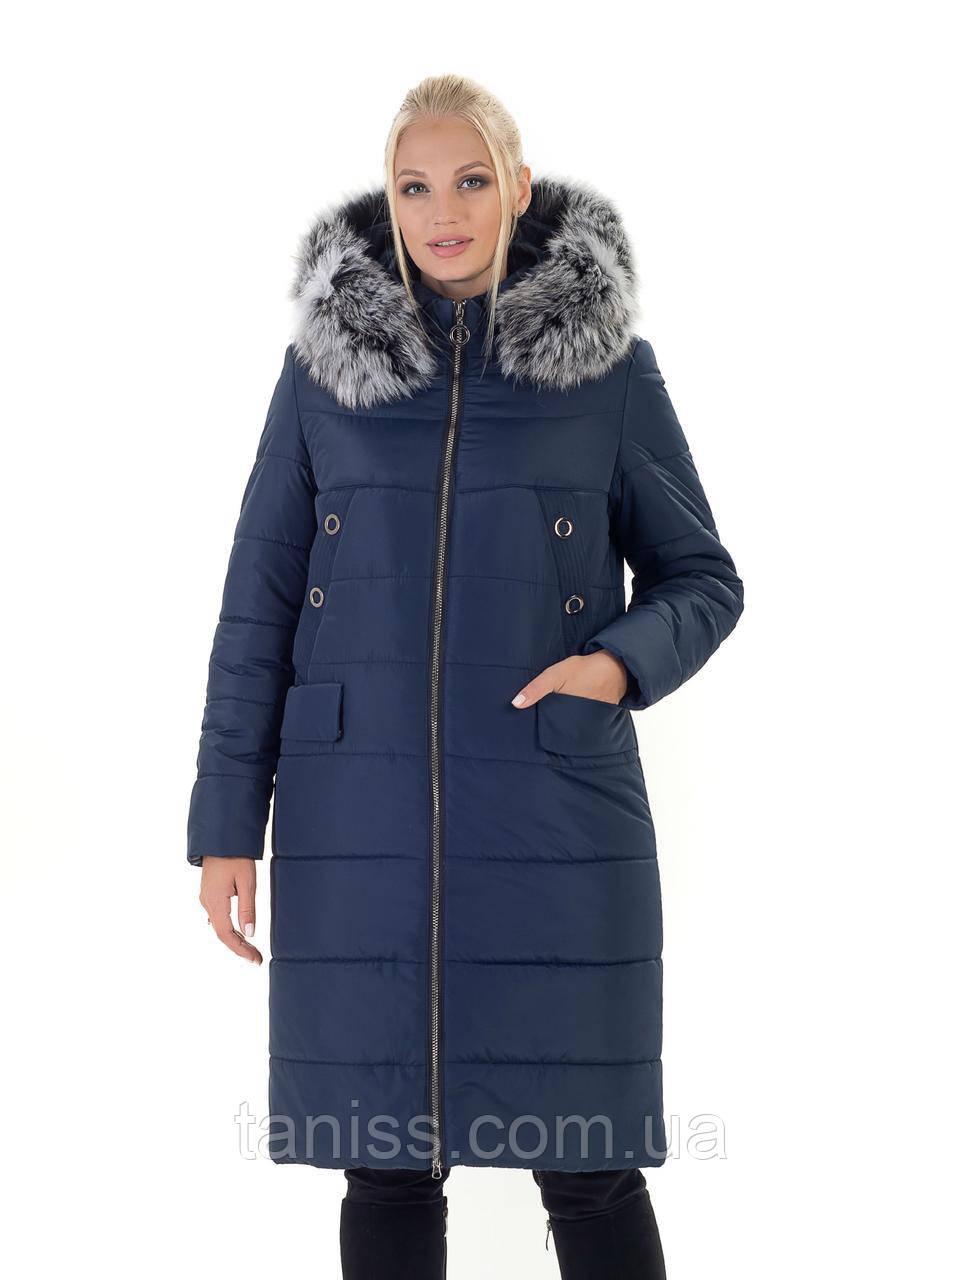 Зимний, женский пуховик большого размера, с мехом , мех песец, размеры 44-56,синий(133)Чбк